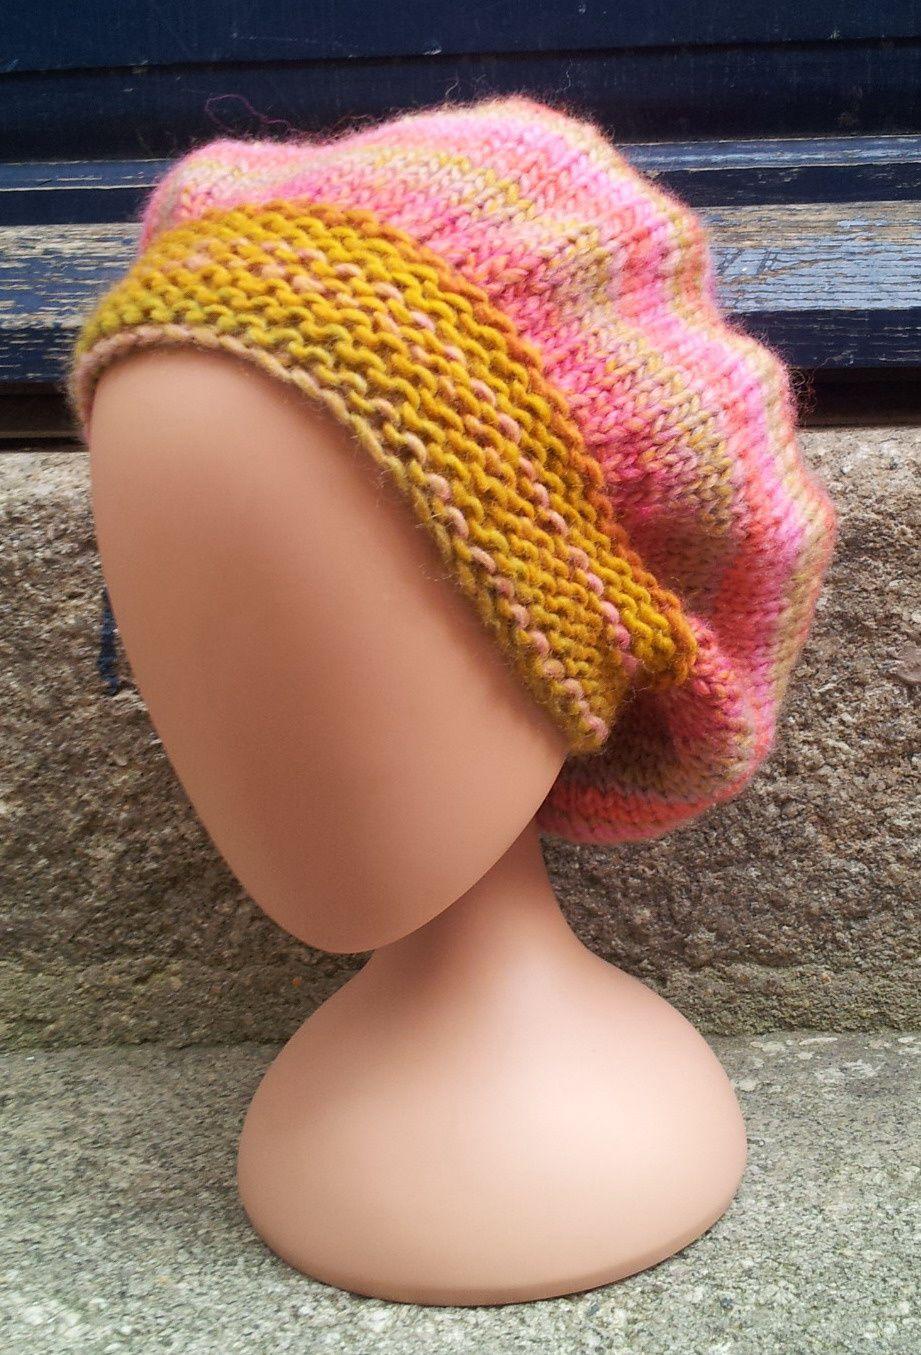 West, un fil doux et coloré à tricoter avec du 7mm